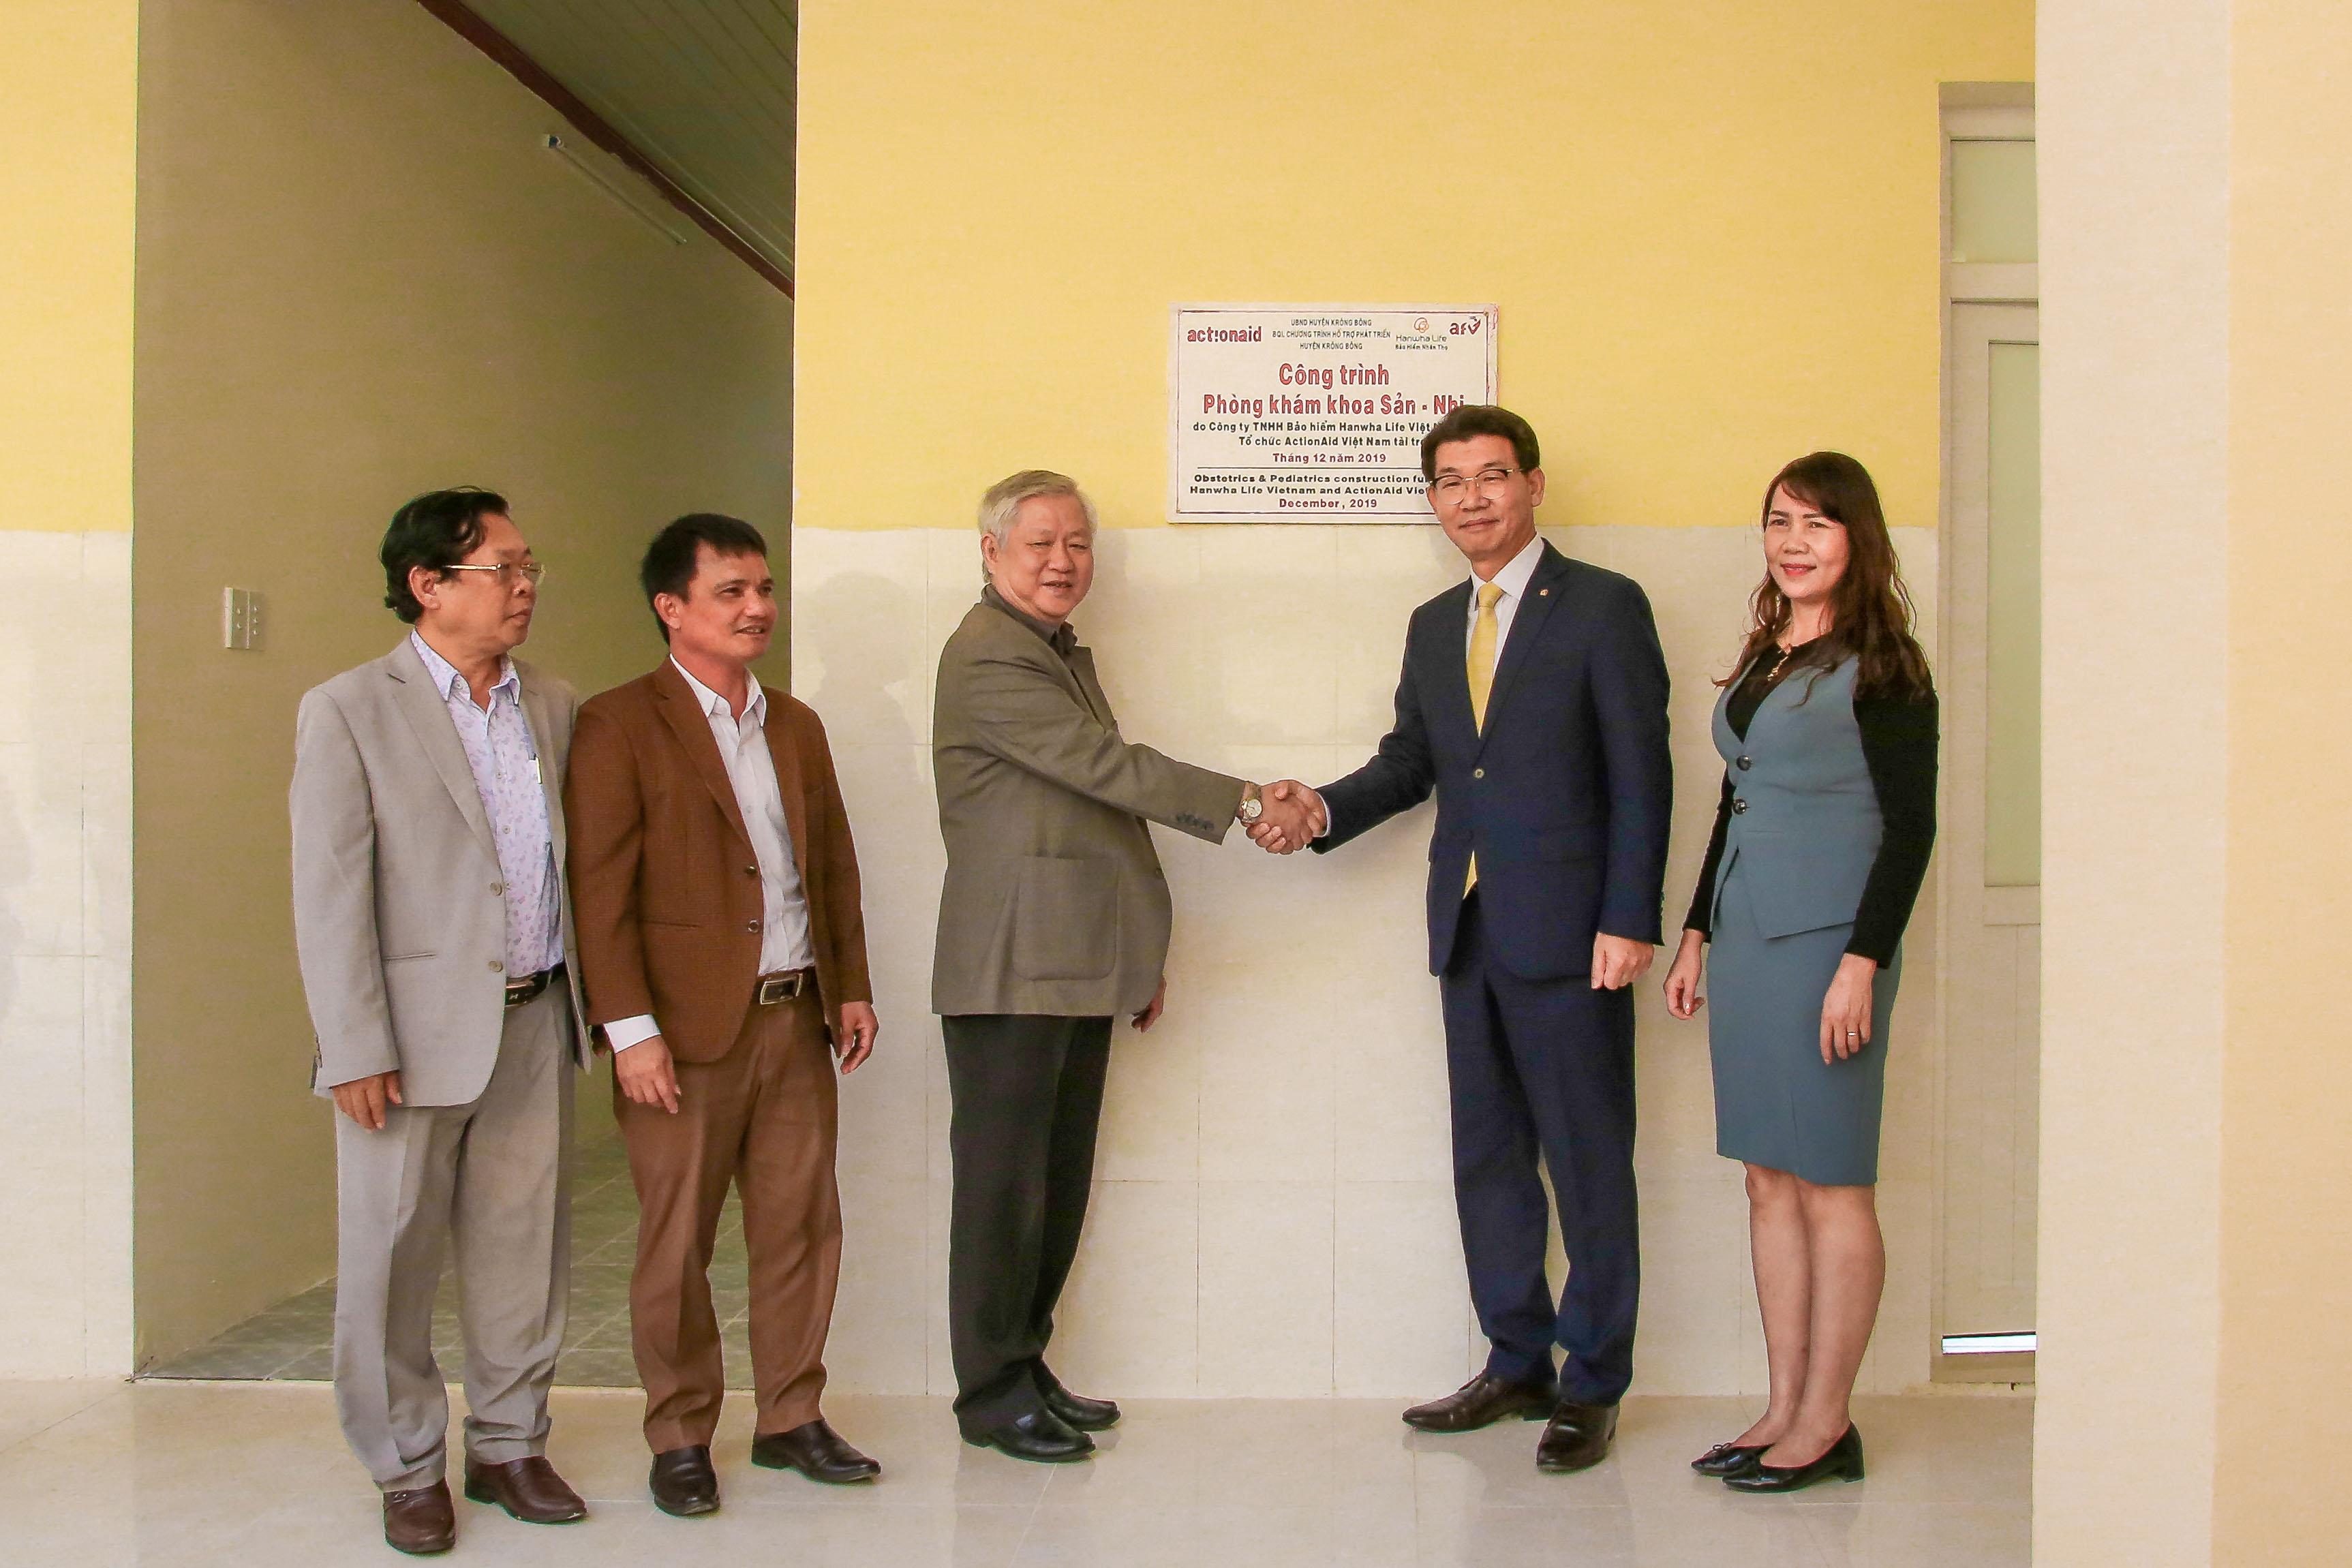 Ông Back Jong Kook, Chủ tịch HĐTV kiêm Tổng giám đốc Hanwha Life Việt Nam (thứ hai, bìa phải) bắt tay đại diện và Quỹ Hỗ trợ chương trình, dự án an sinh xã hội Việt Nam (AFV) tại buổi lễ trao Phòng khám Khoa Nhi-Sản khoa.